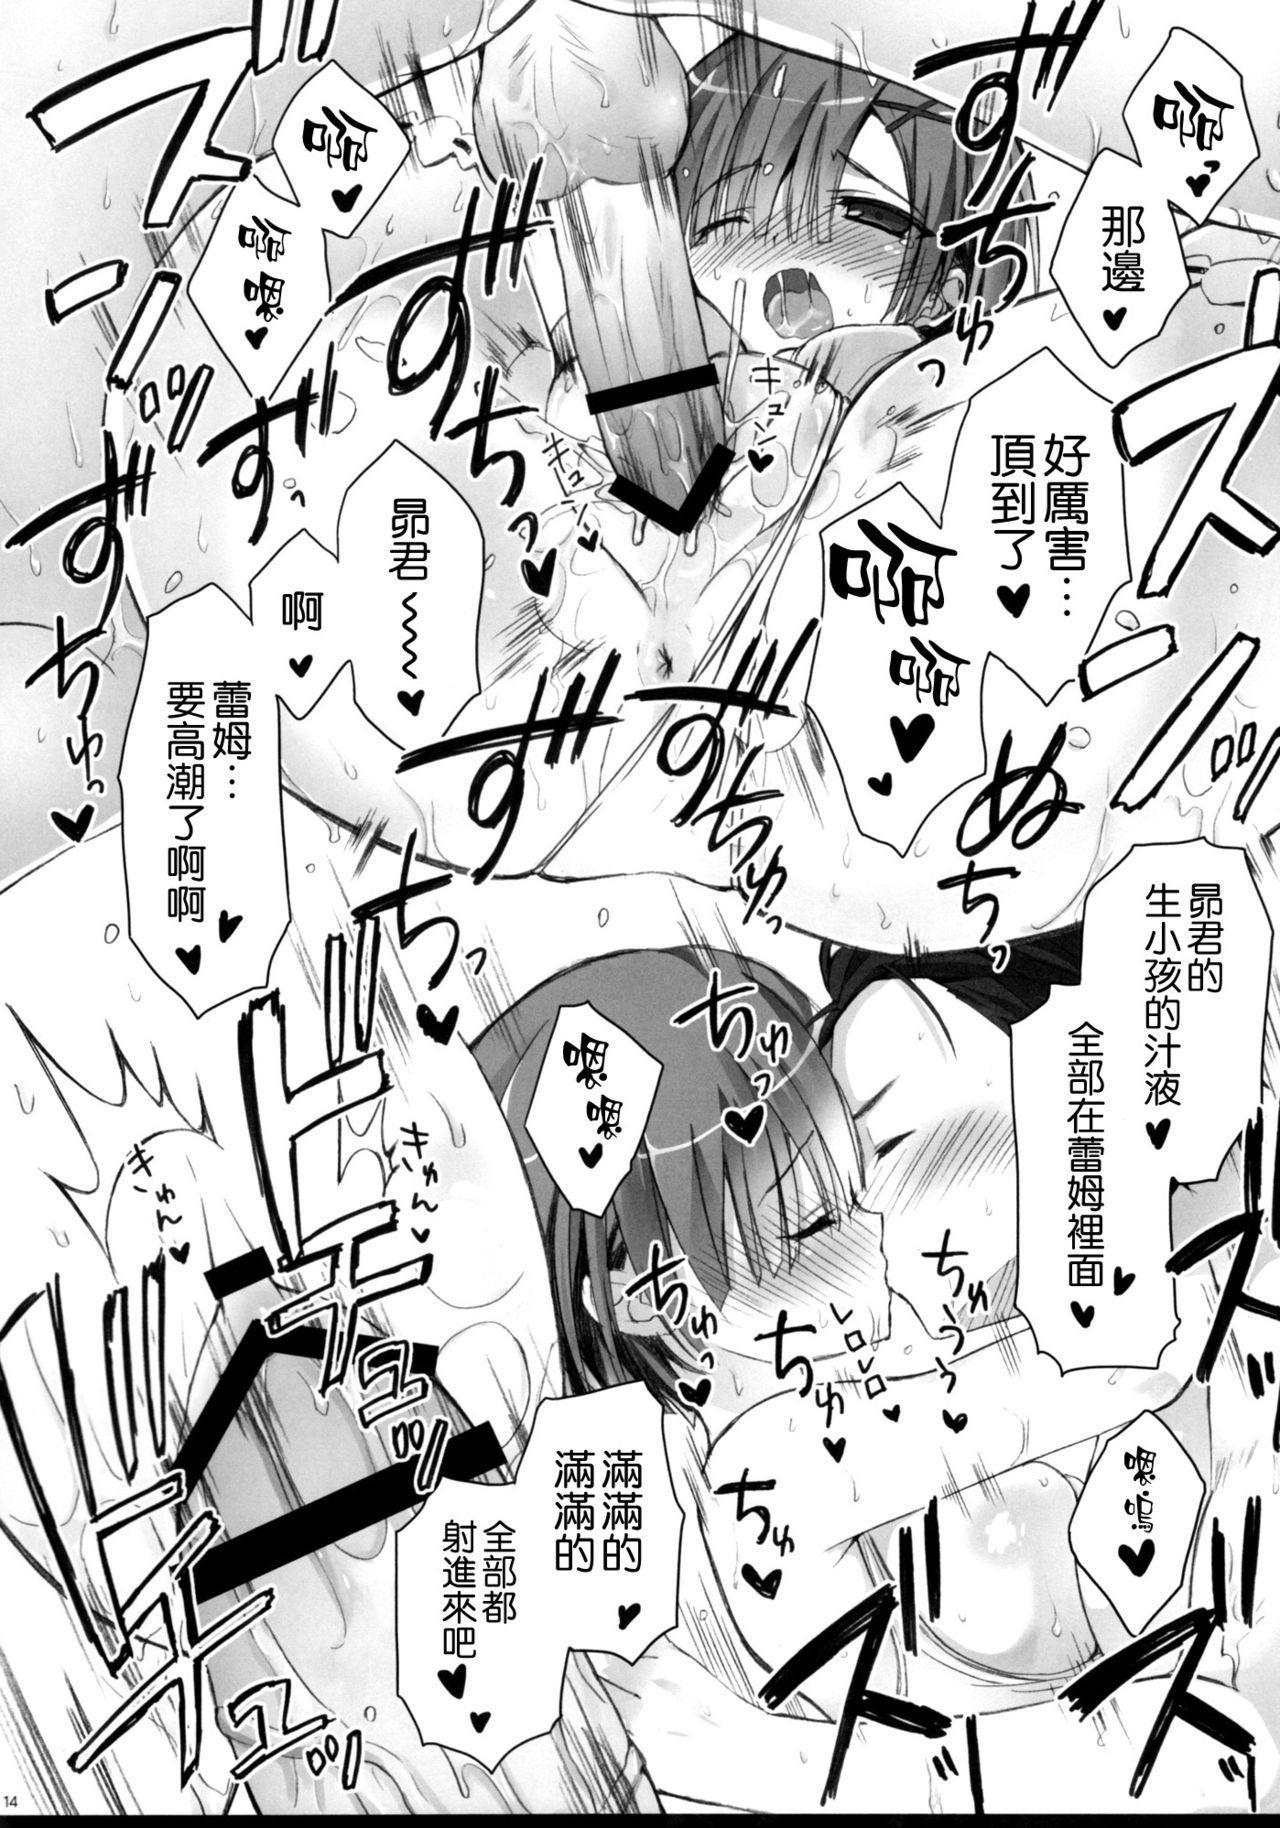 Re:Zero kara Hajimeru Shiro Suku Seikatsu 13